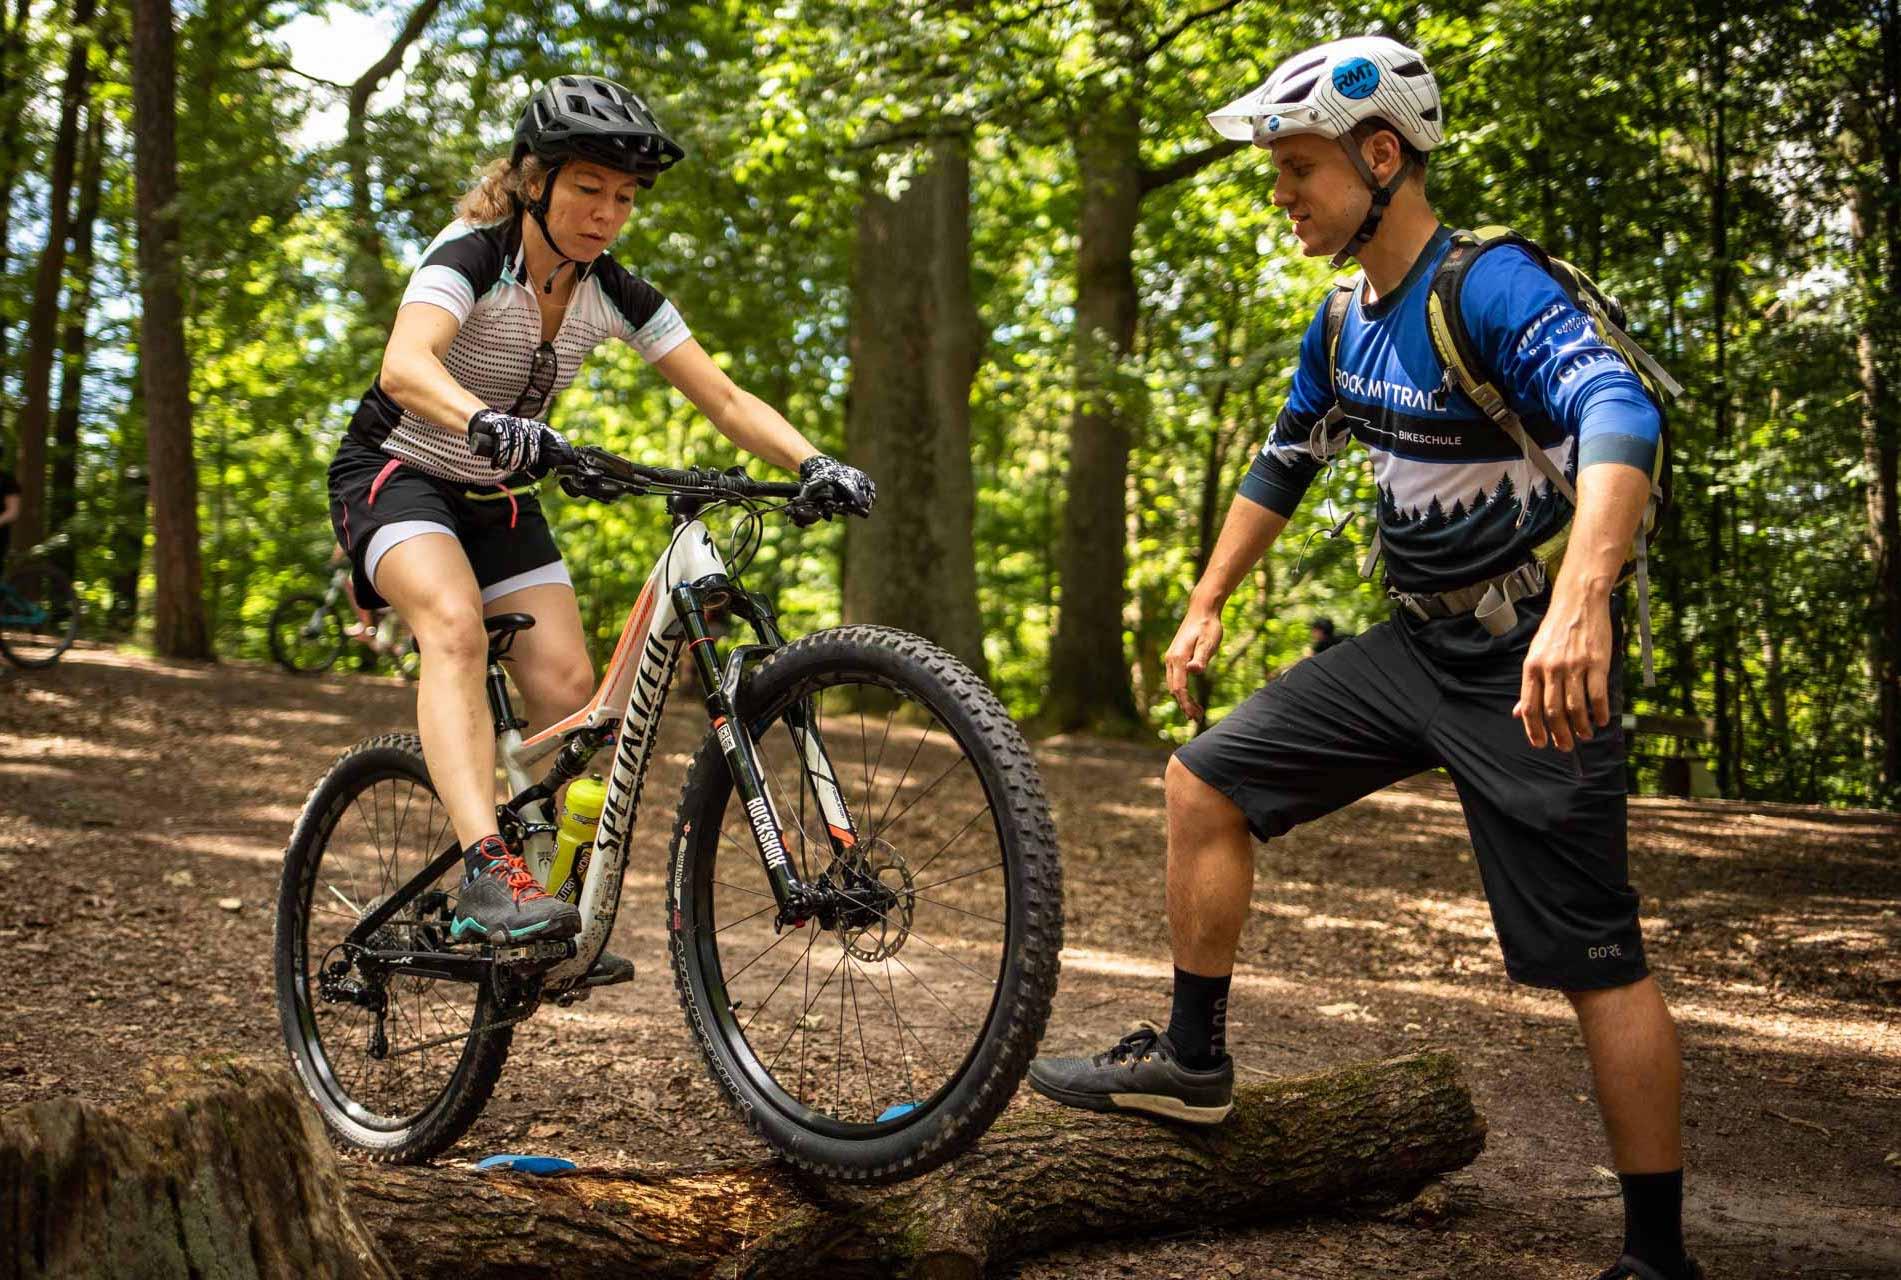 MTB Fahrtechnik Kurs für Einsteiger in Freiburg - Mountainbike Basic - Rock my Trail Bikeschule